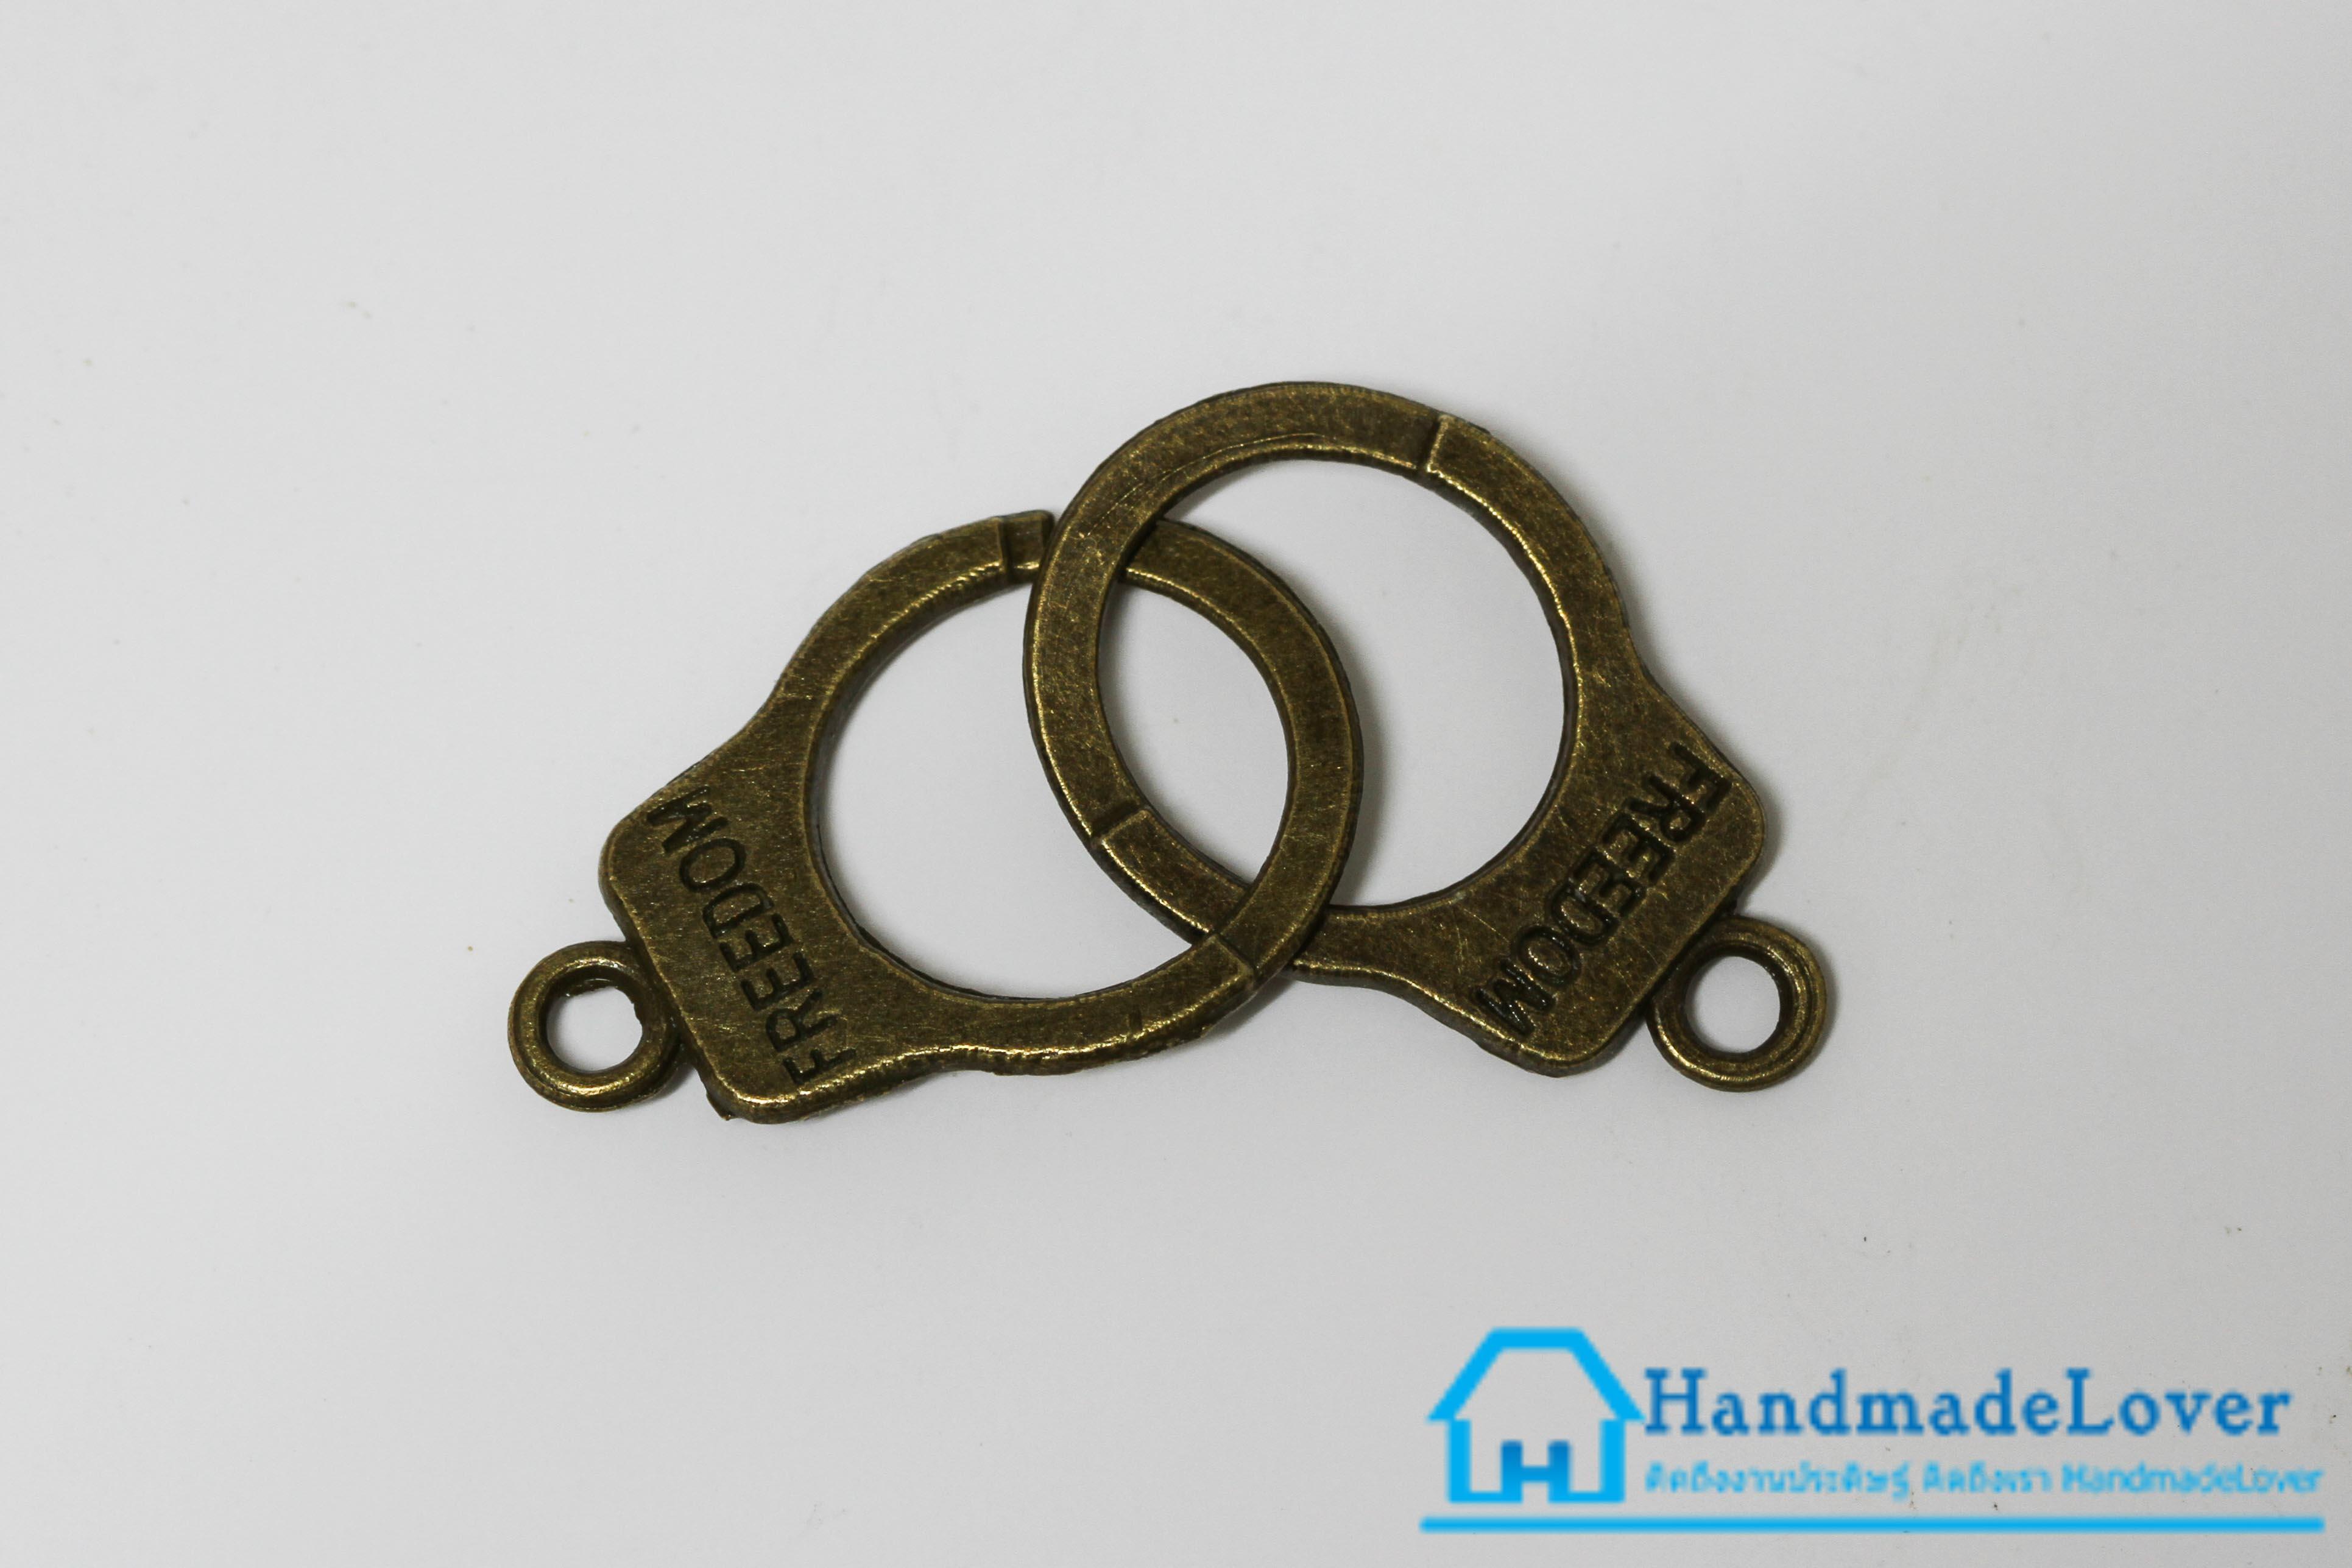 จี้โลหะ วินเทจ สีทองรมดำ รูปกุญแจมือ